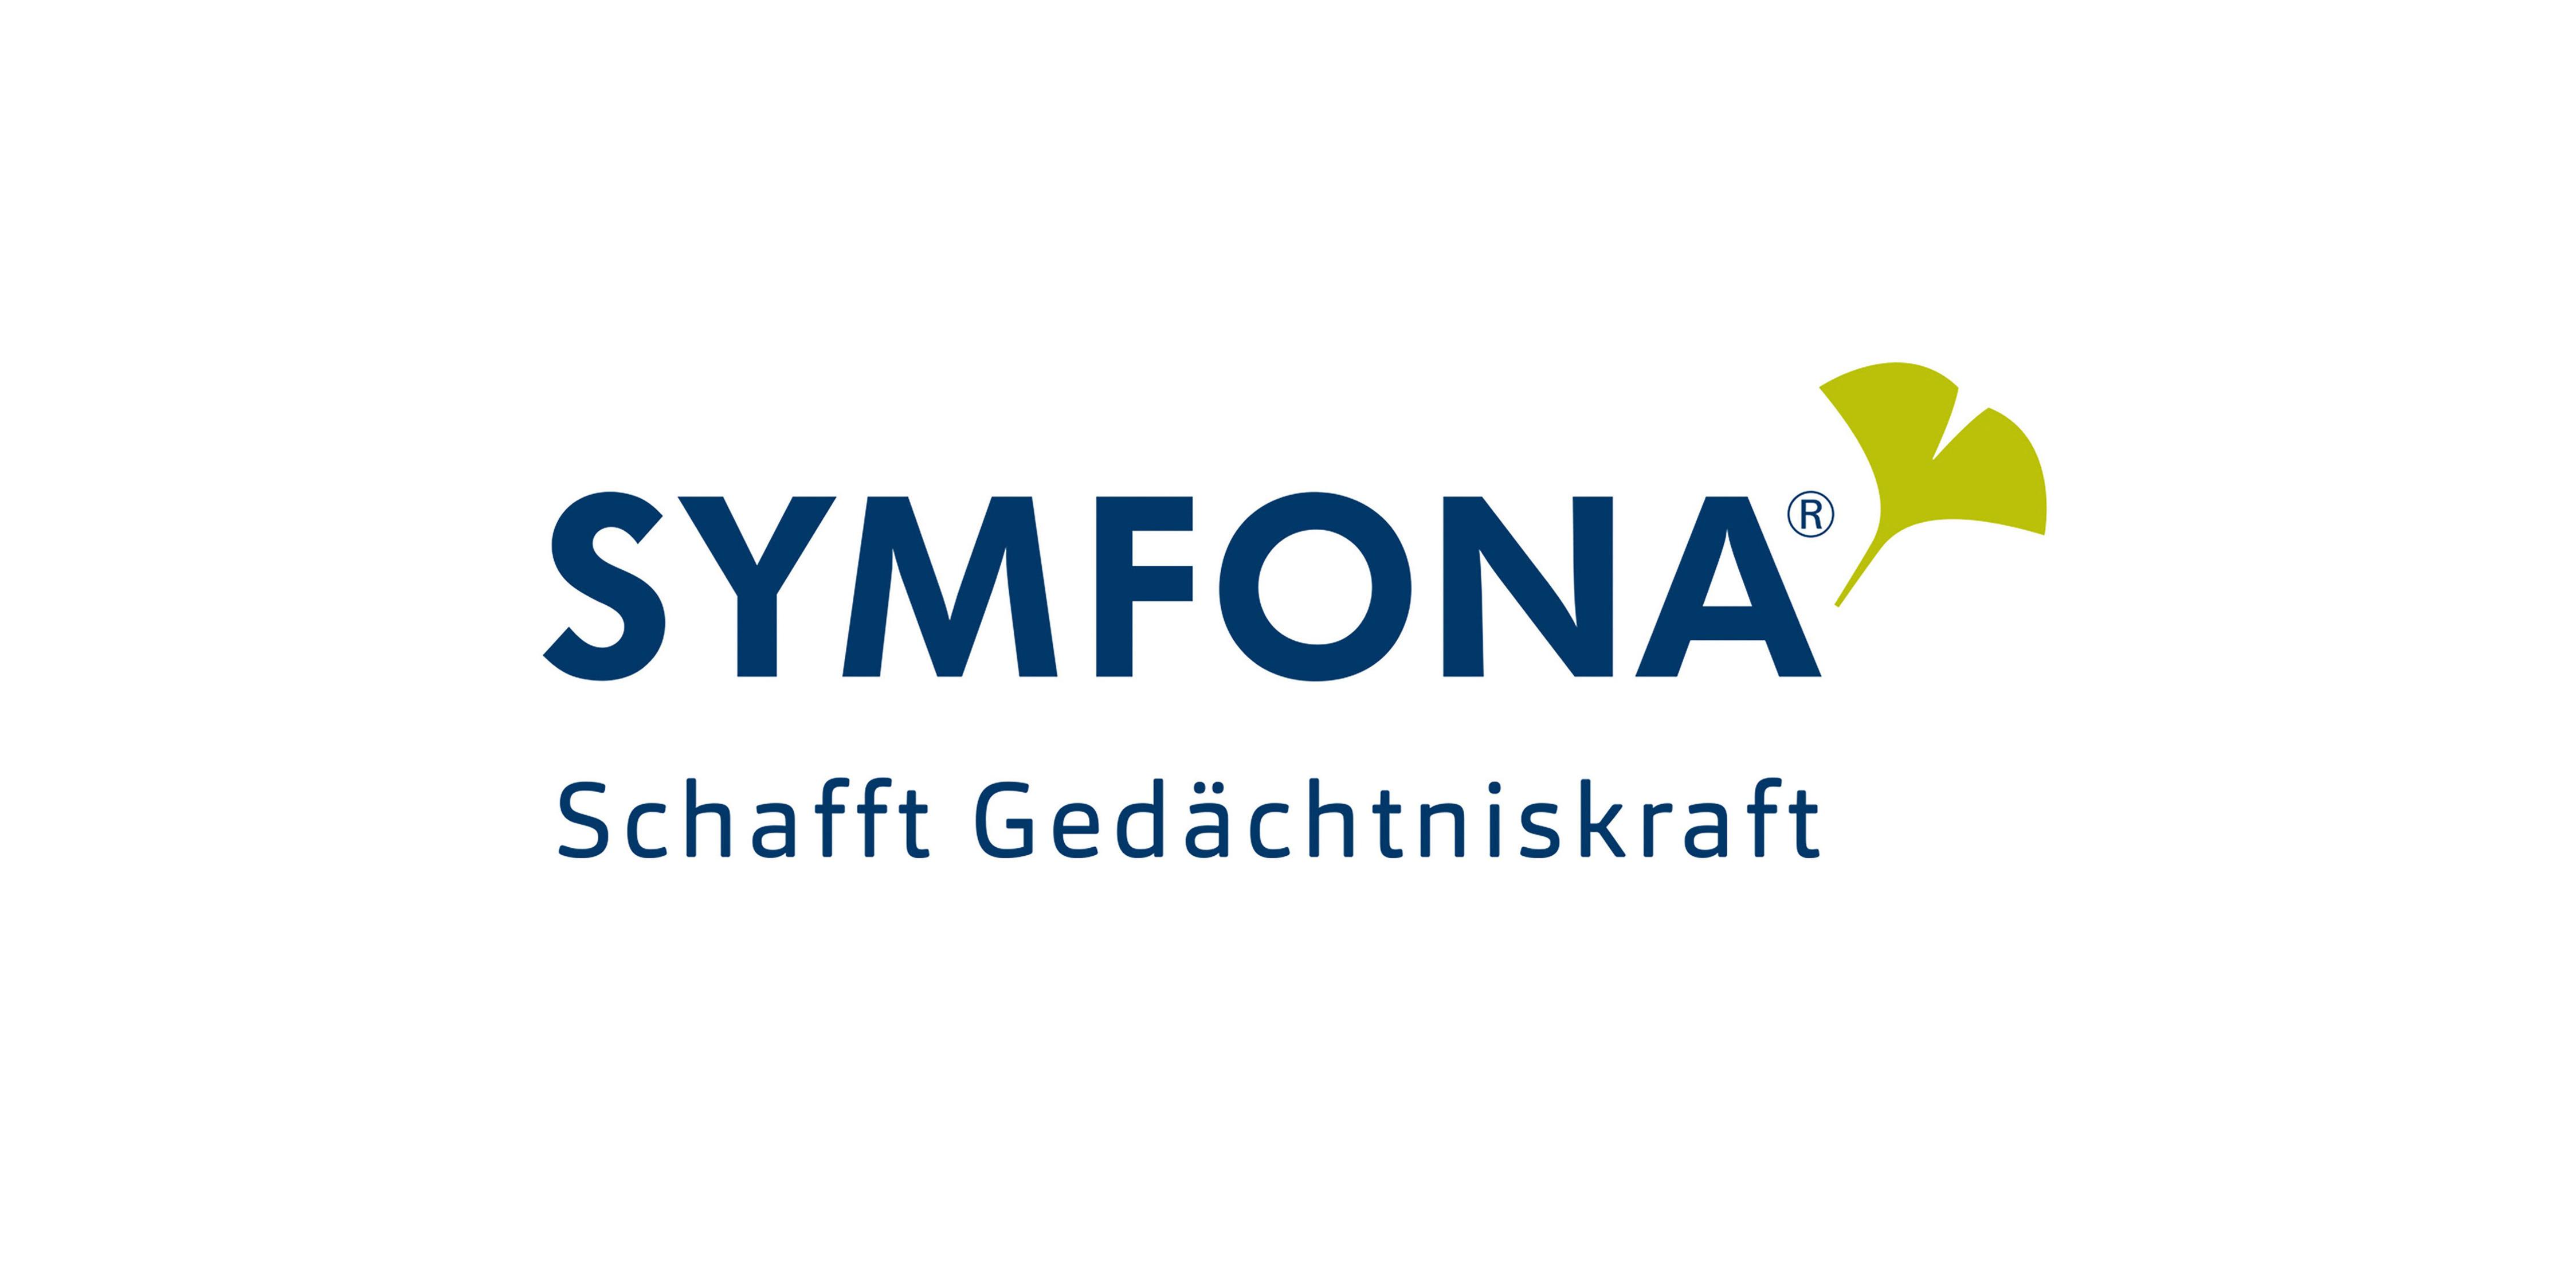 Die Animation der Symfona Wortbildmarke dient als Eyecatcher in der digitalen Kommunikation.